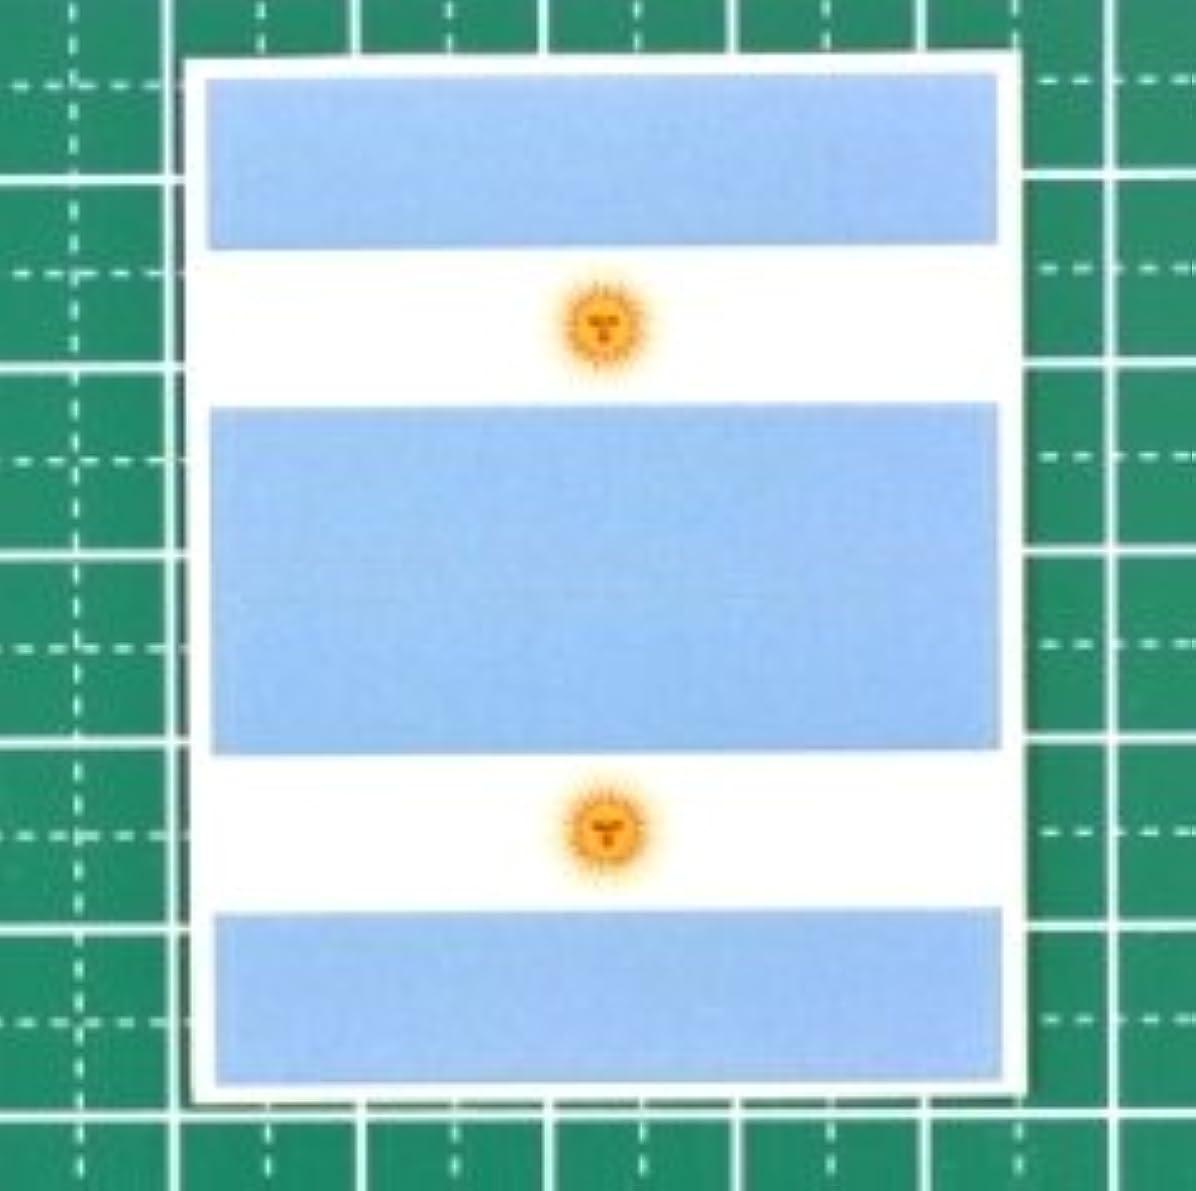 くそー彼らはクスコアルゼンチン国旗★フェイスシール【ワールドカップ(サッカー)】/1シート2枚組